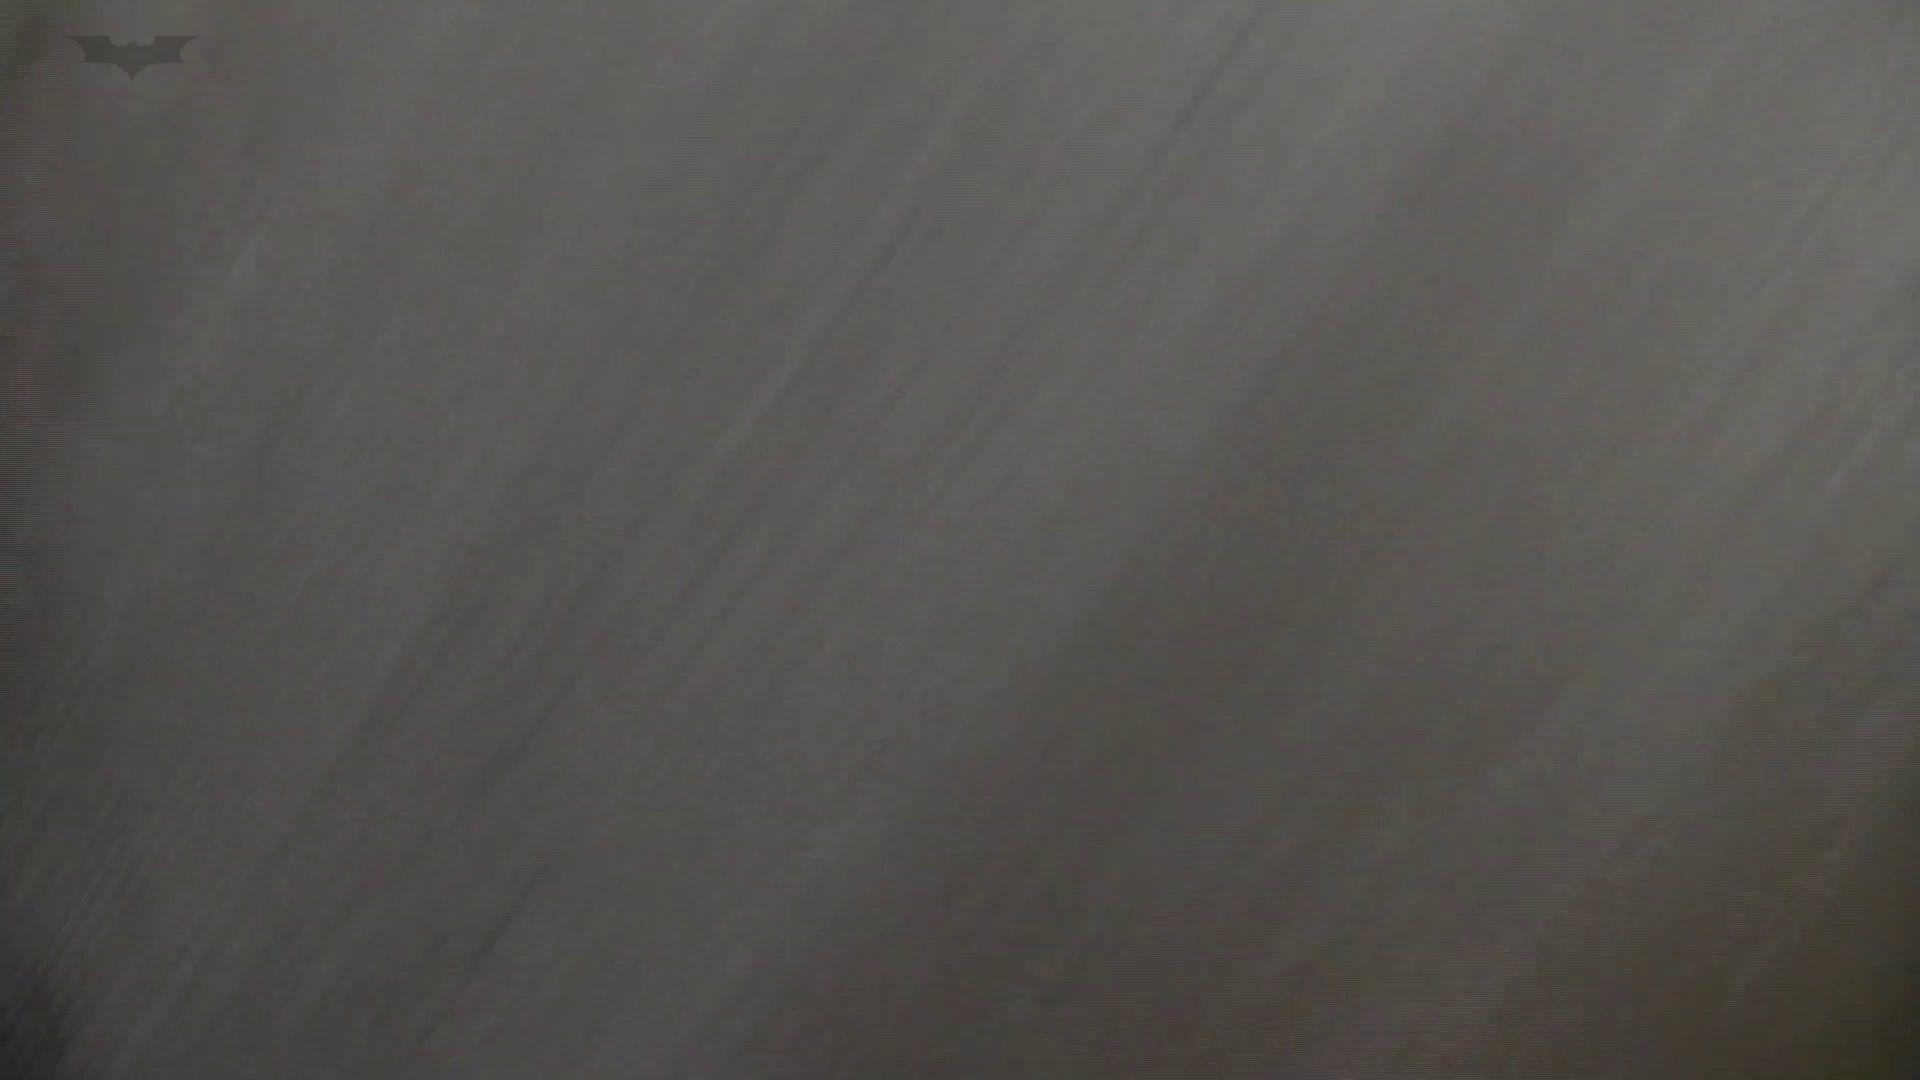 和式洋式七変化 Vol.31 洋式だけど丸見えですっ!! 洗面所 スケベ動画紹介 92PIX 39